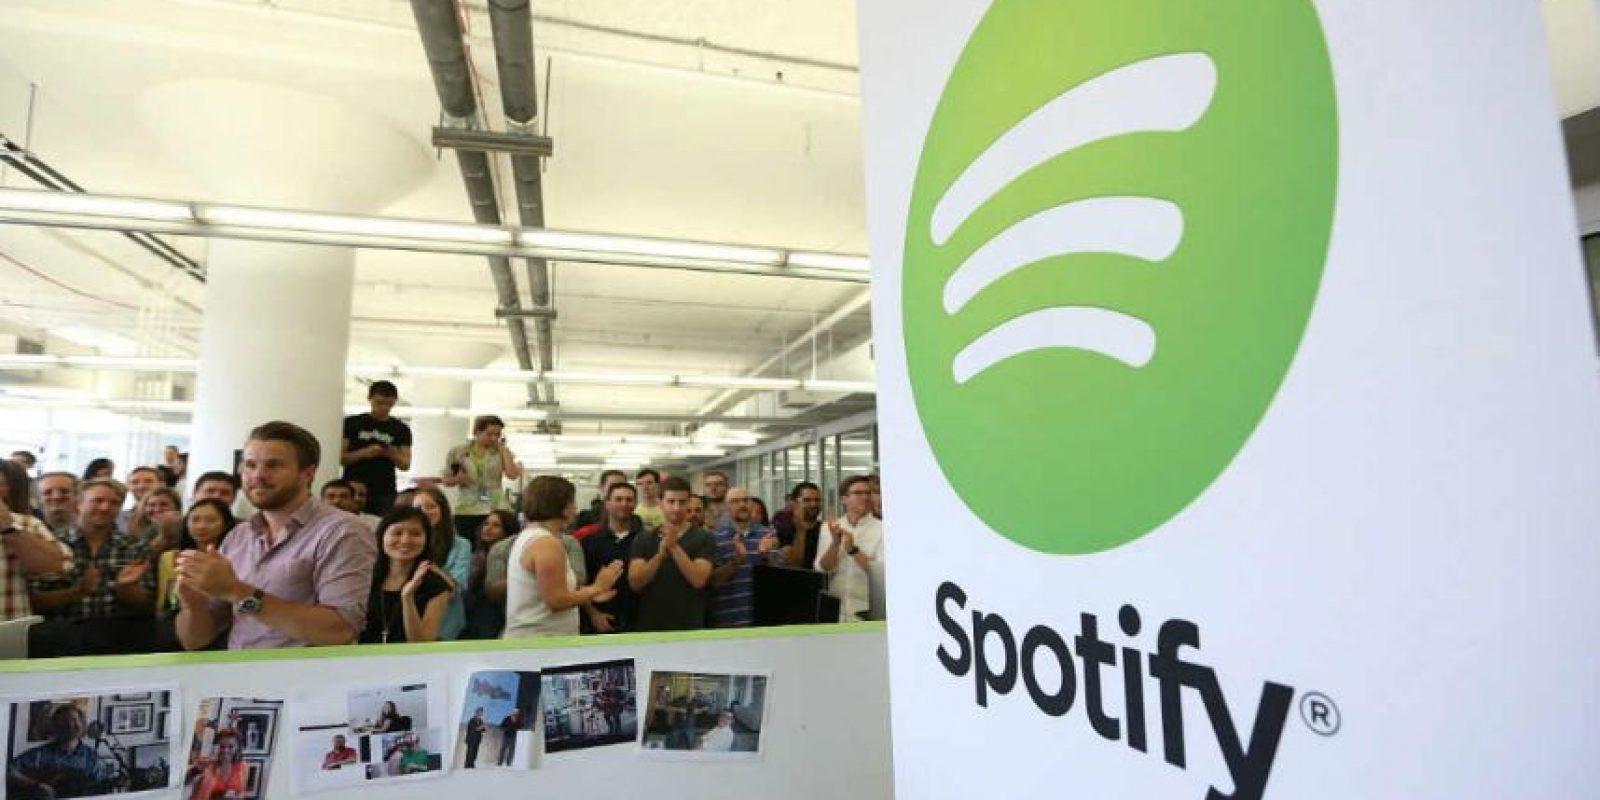 Sin embargo, Spotify sigue siendo líder dentro de las apps de streaming musical. Foto:Getty Images. Imagen Por: